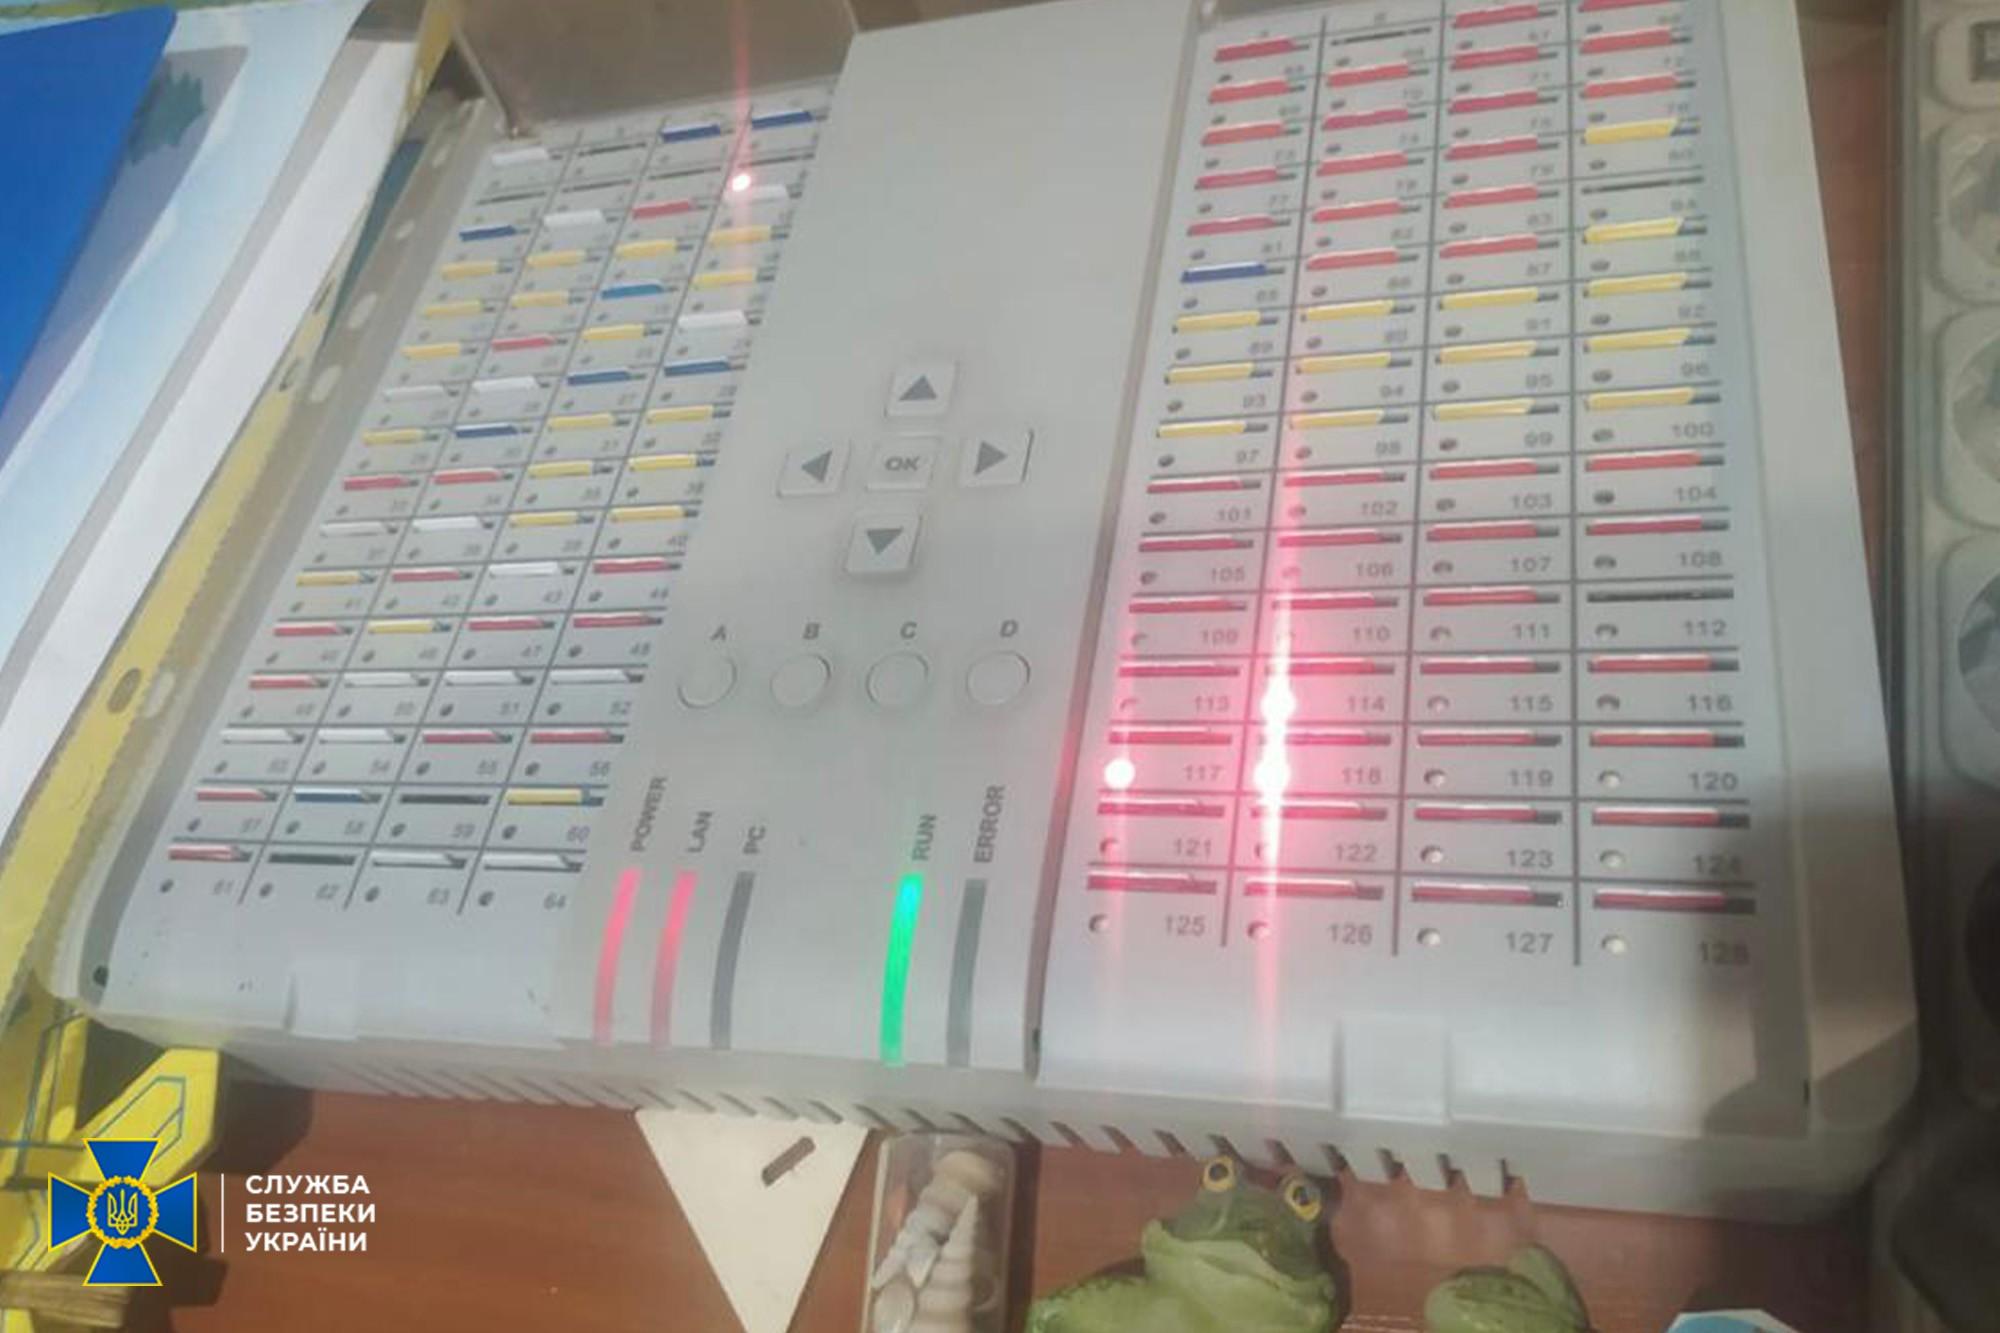 Использовали технологию анонимных звонков: СБУ разоблачила кибермошенников